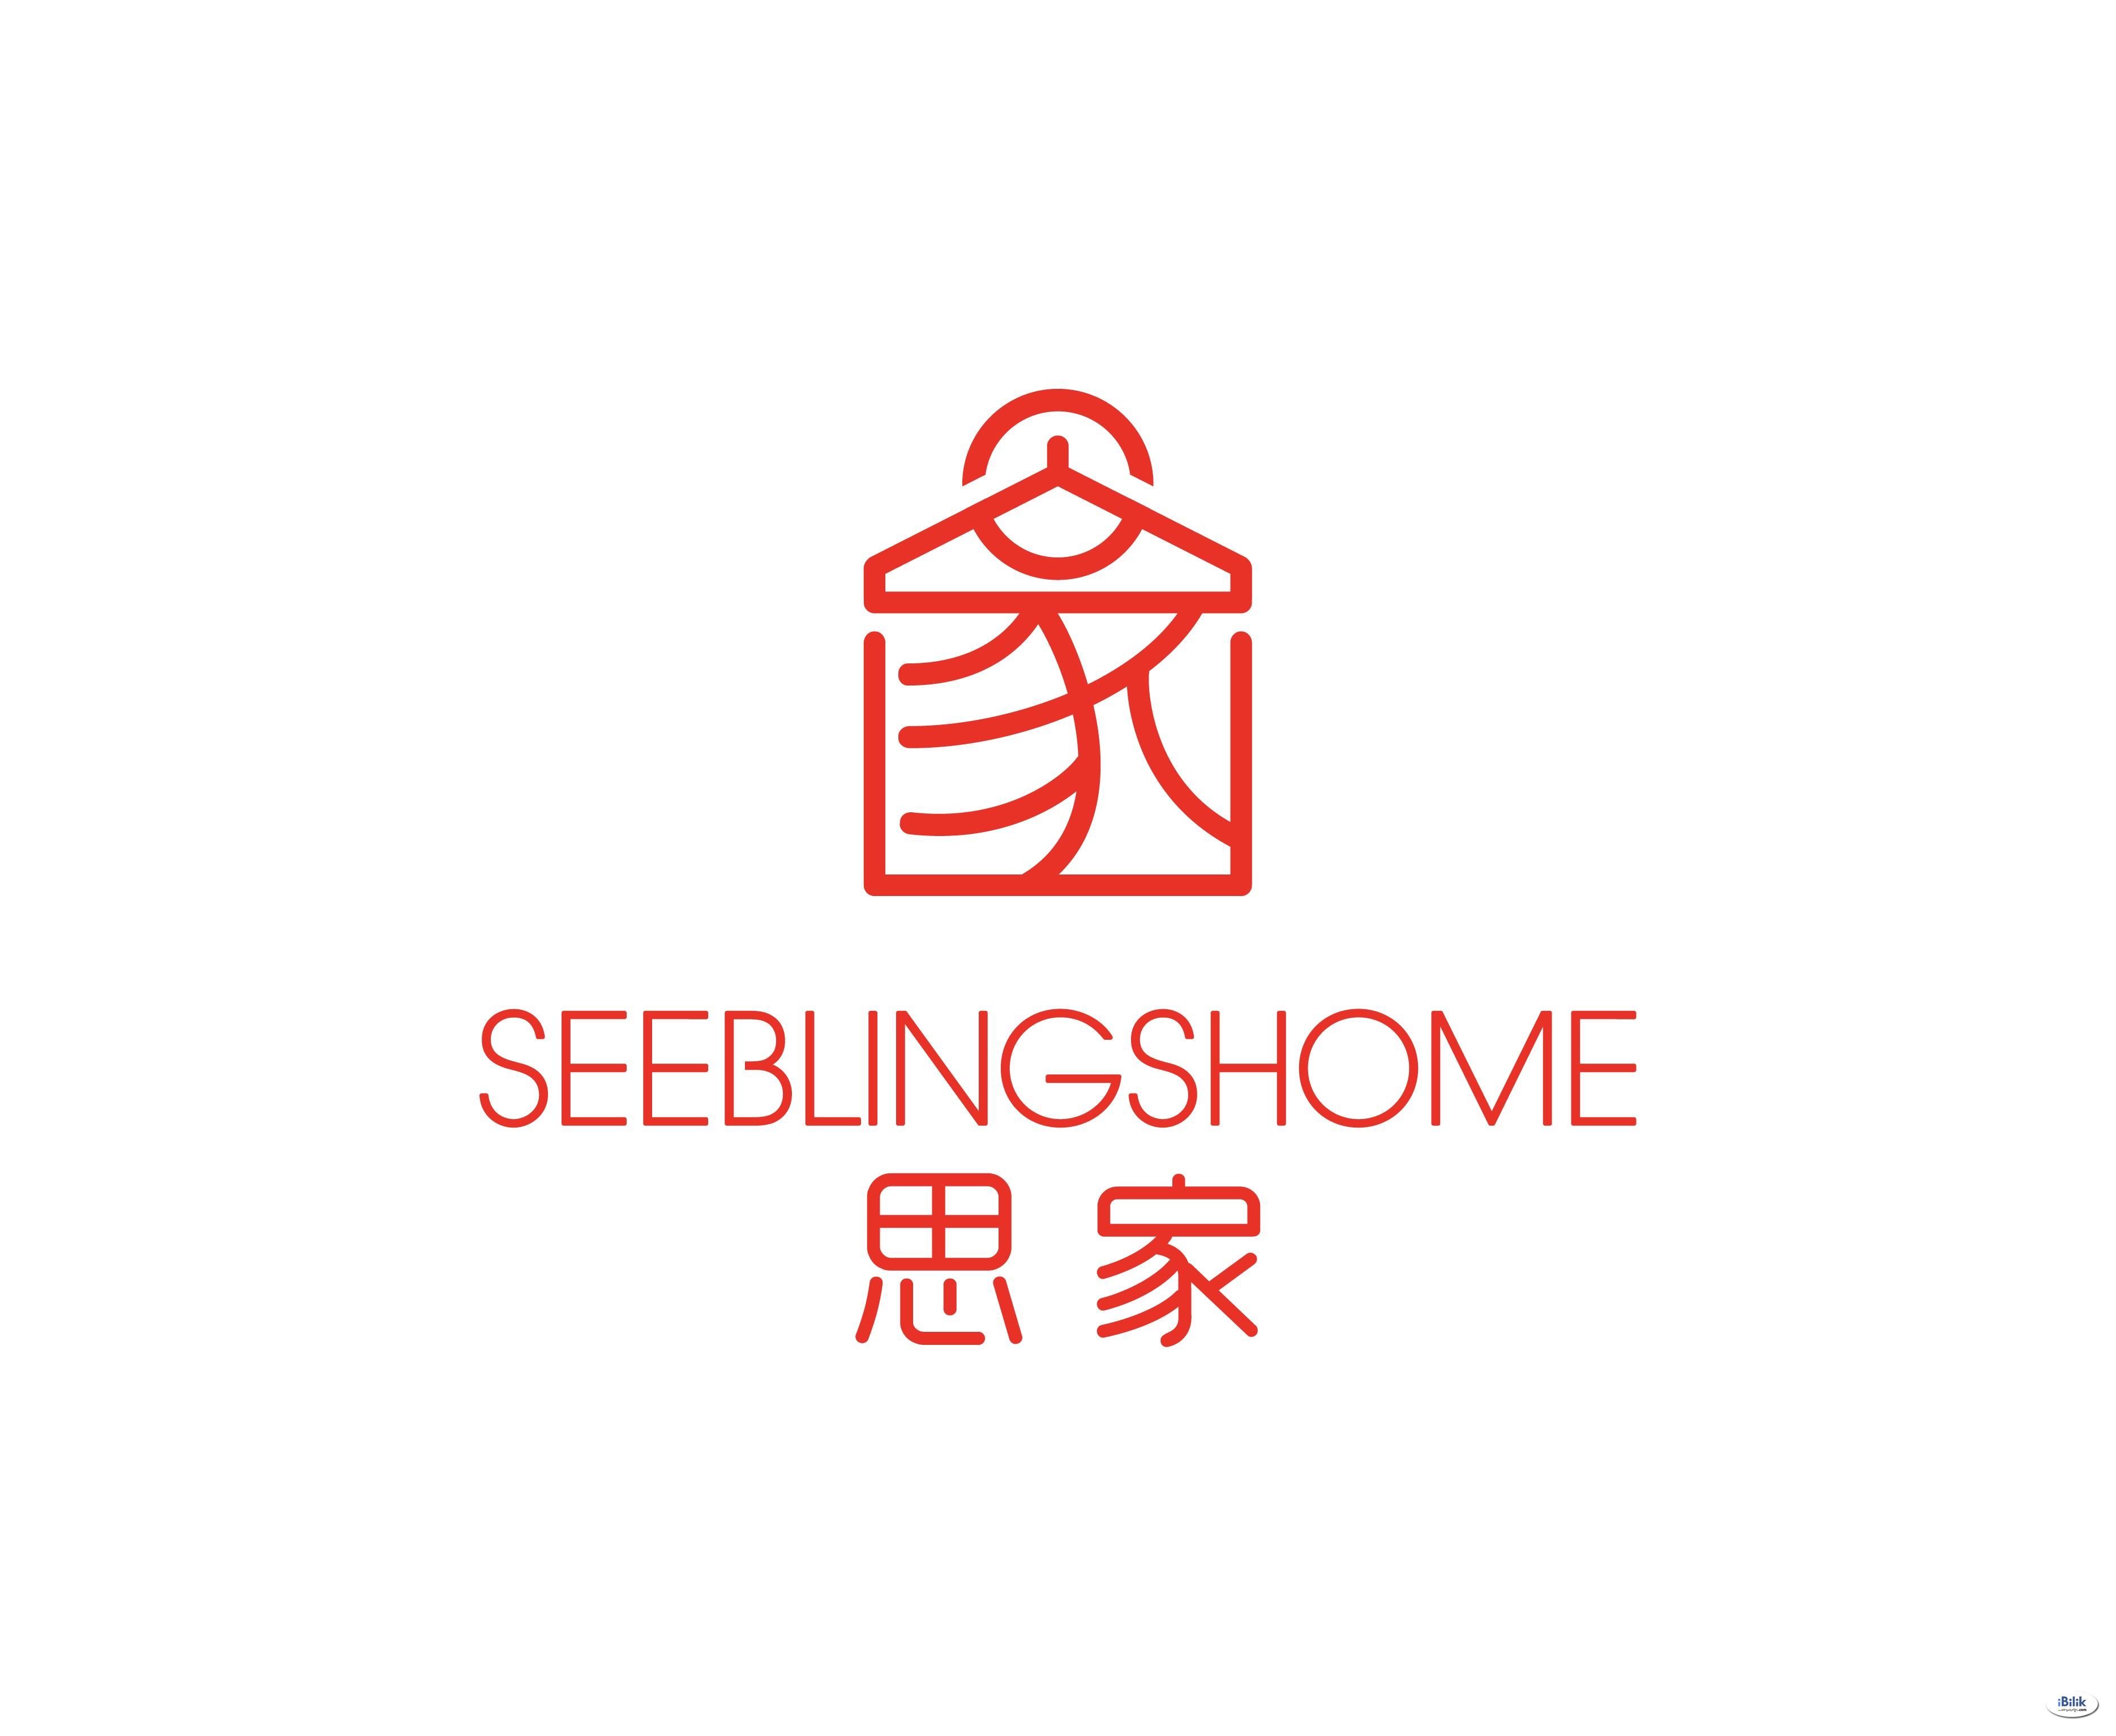 Seeblingshome